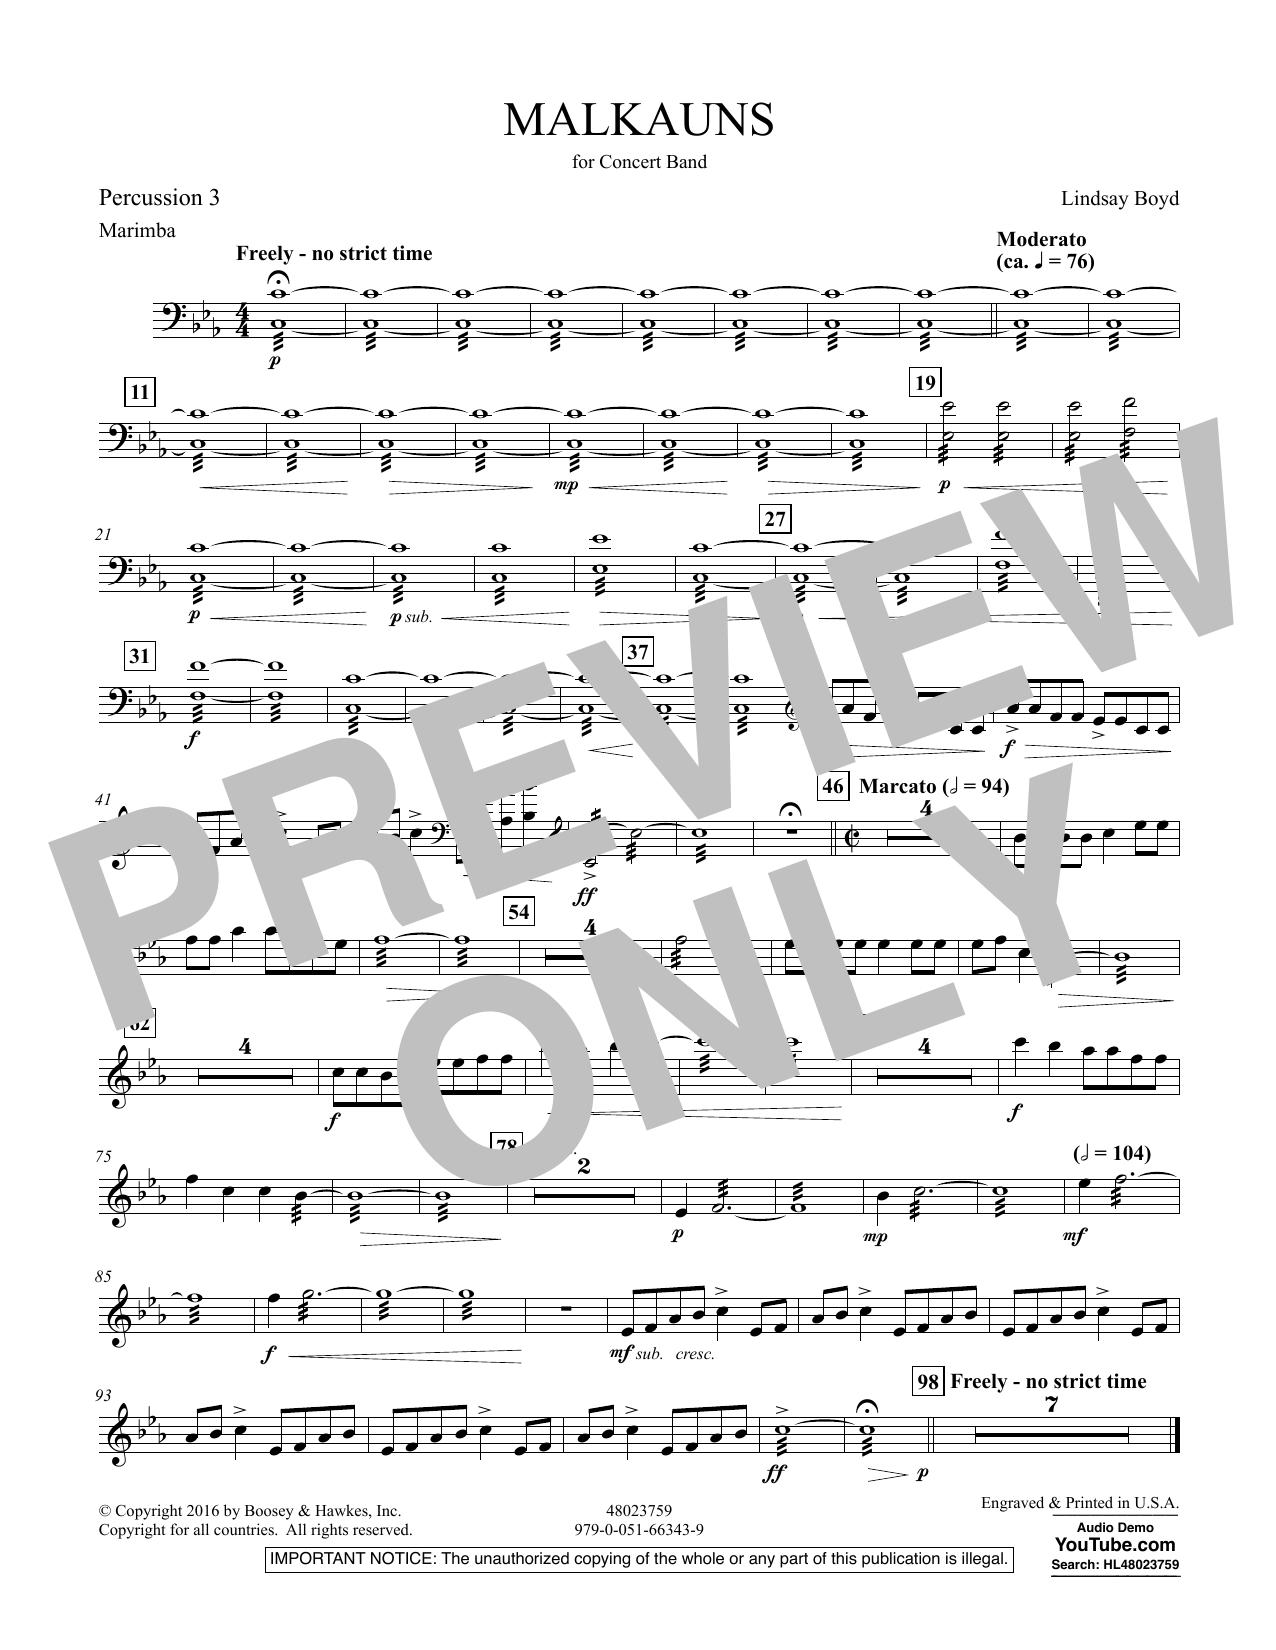 Malkauns - Percussion 3 Sheet Music